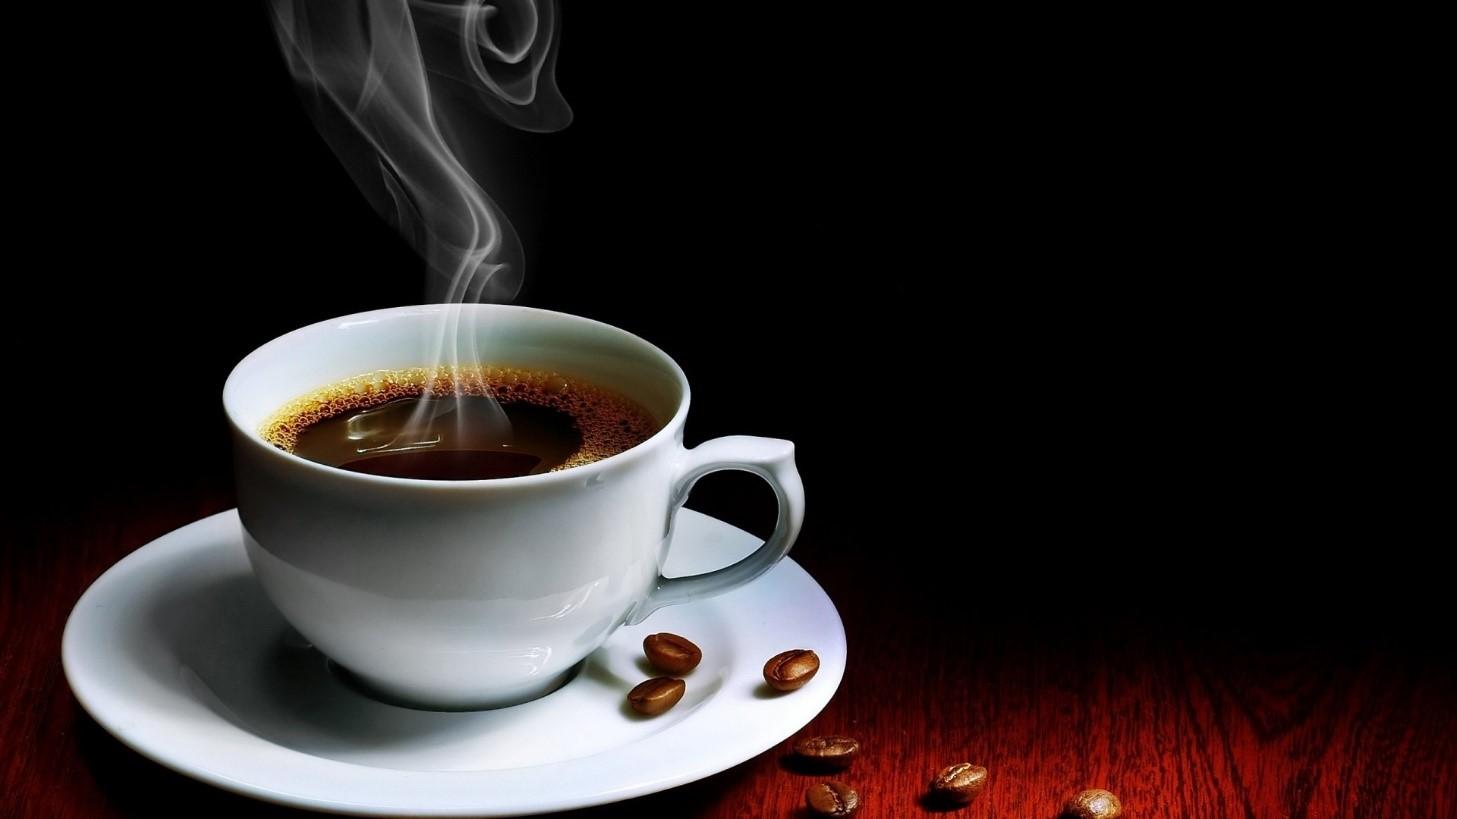 Como Fazer Café: Quais As Medidas Ideais Para Um Café Perfeito?